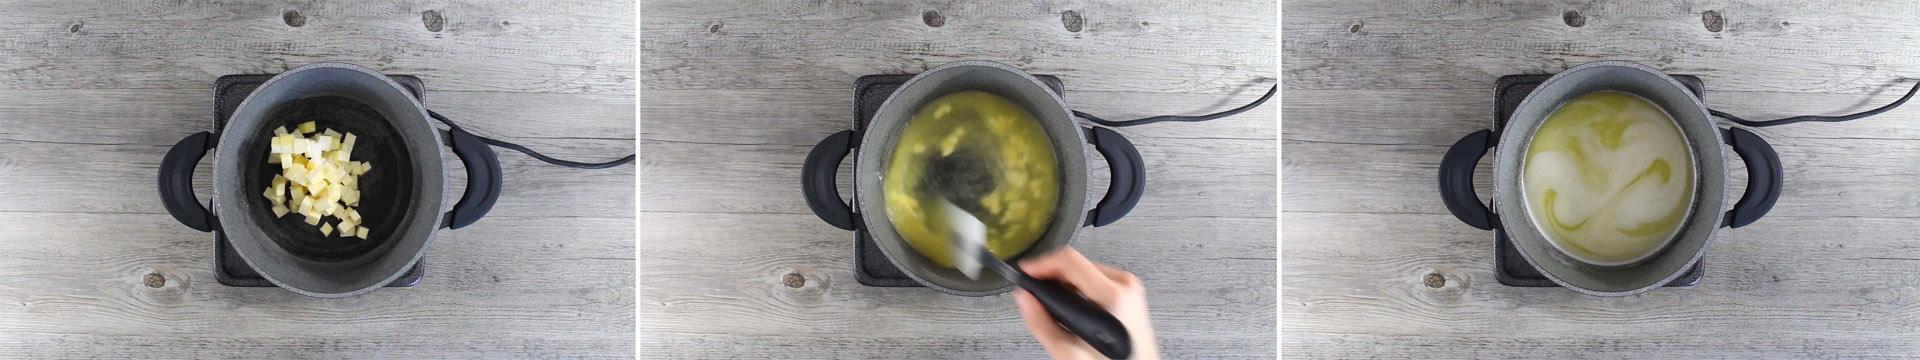 zeppole preparazione pasta choux